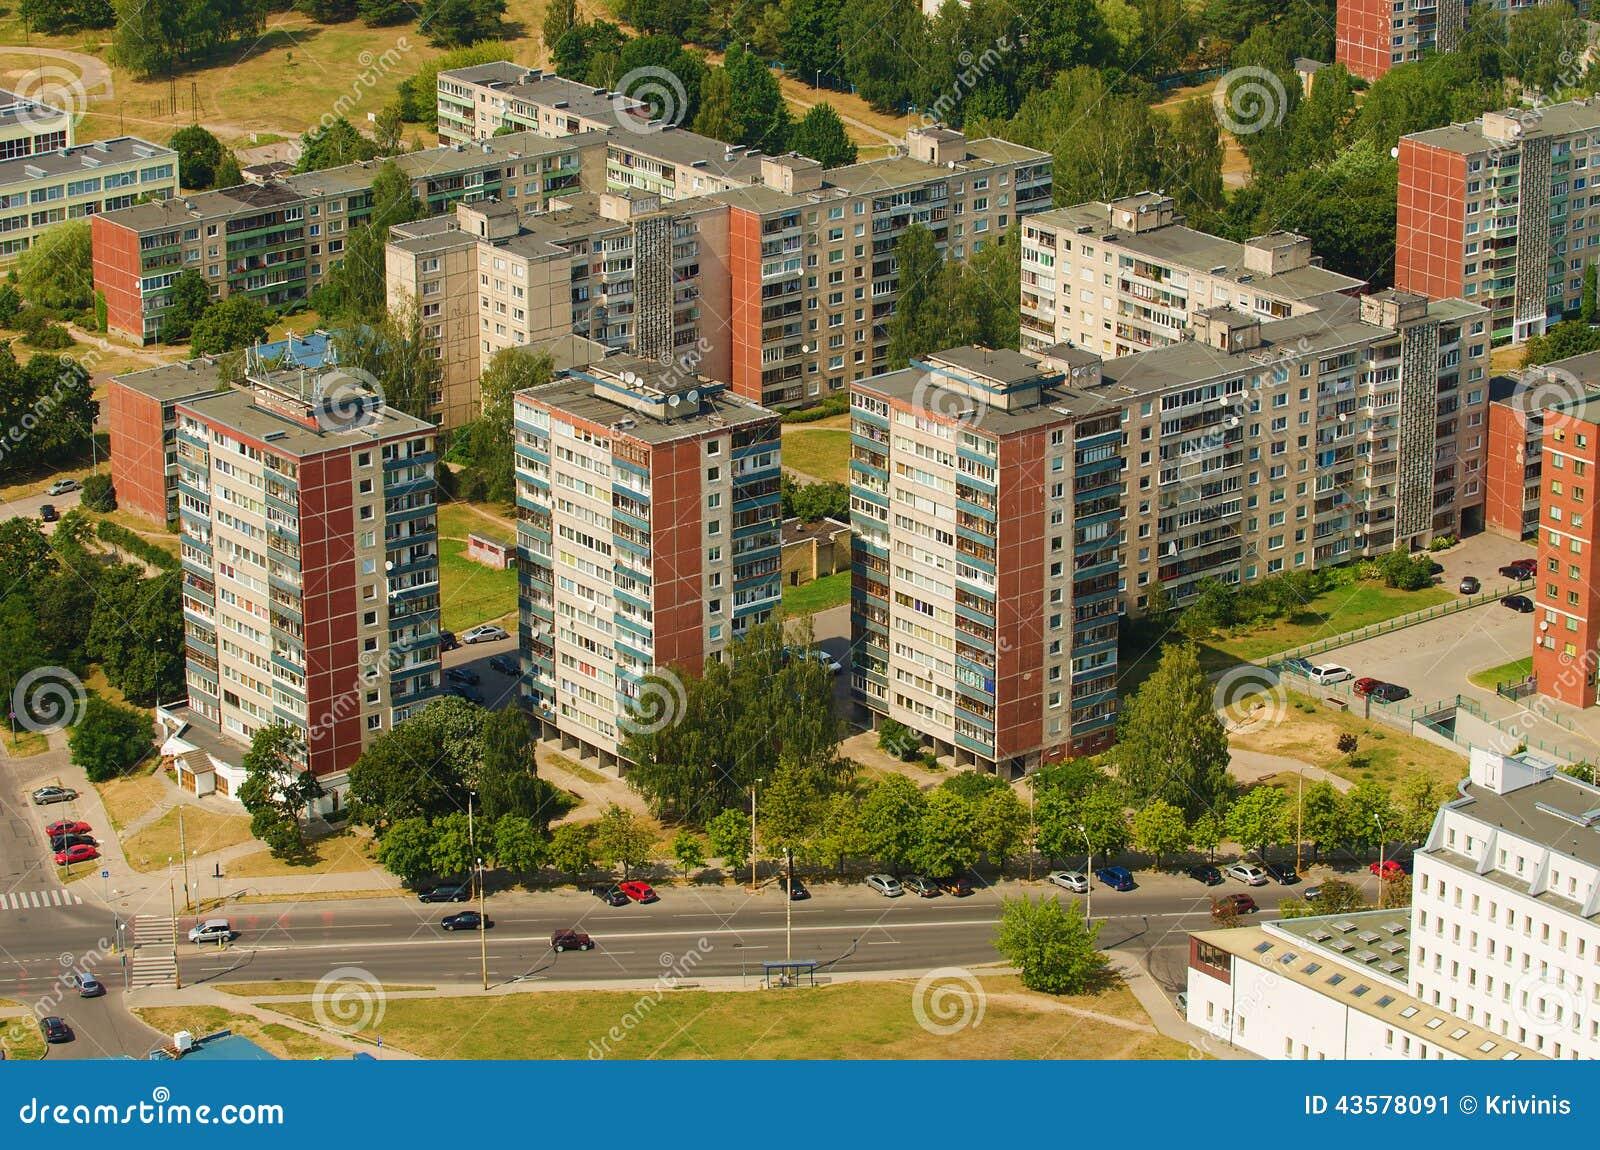 aerial-view-prefab-houses-karoliniskes-v